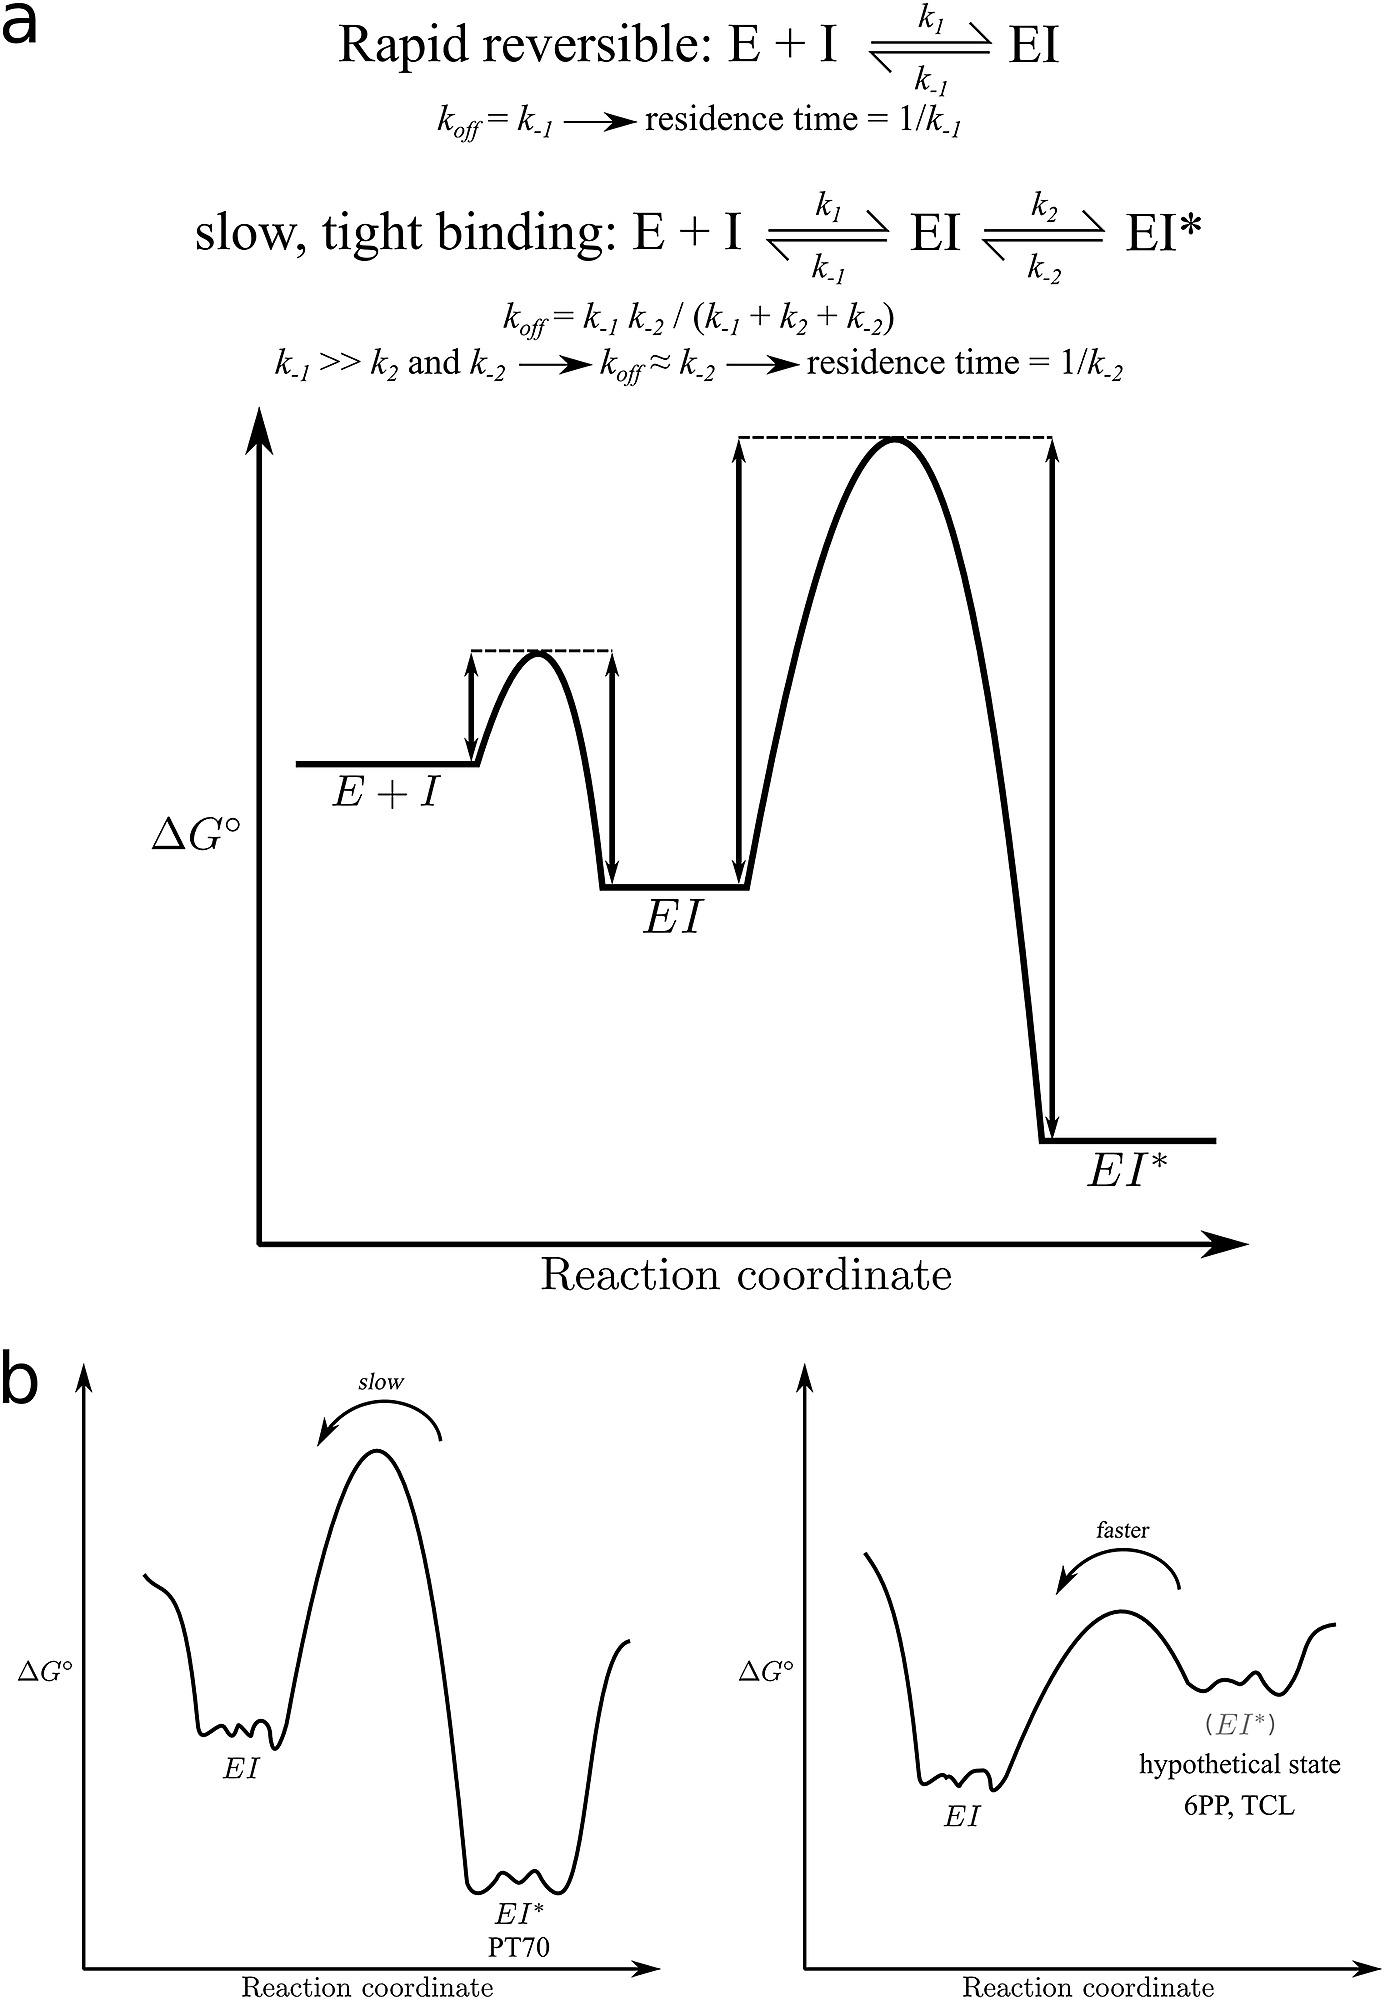 Mechanisms of drug-target complex formation